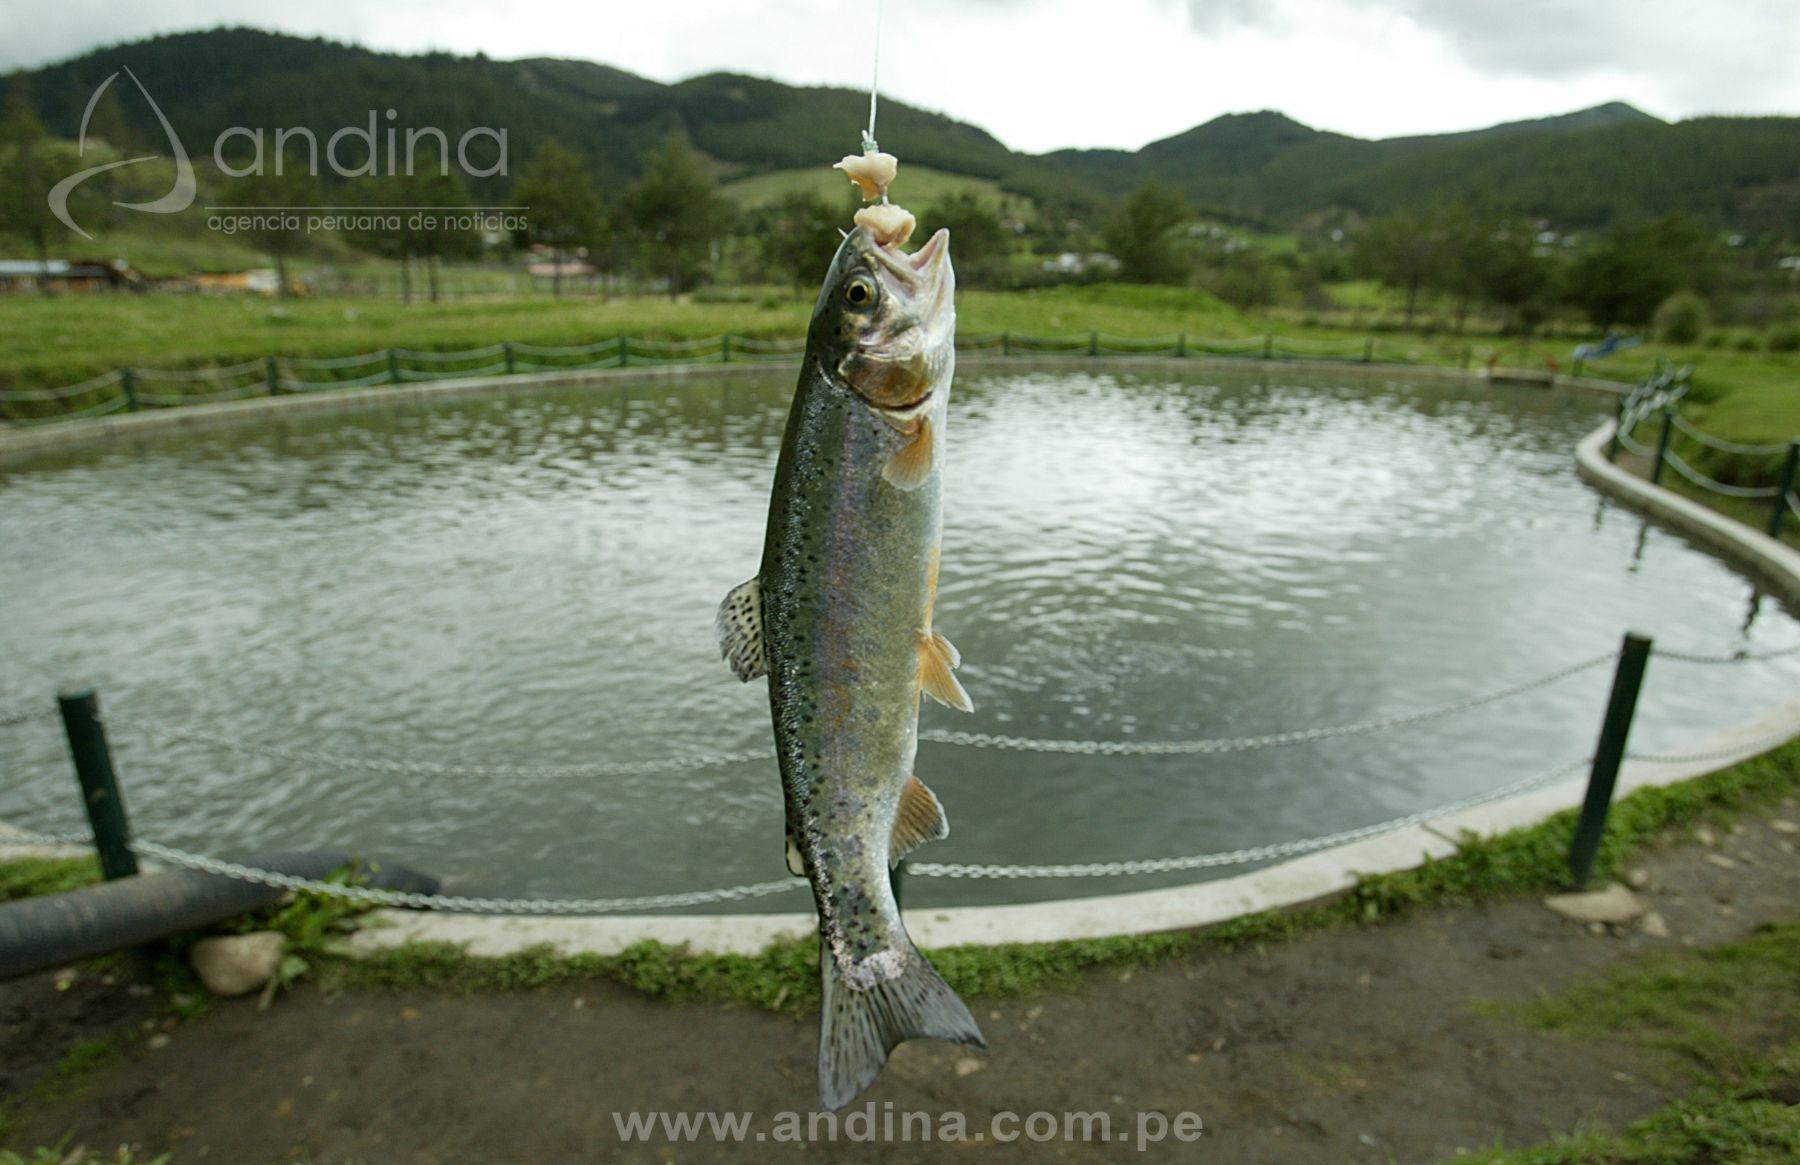 En agosto se inicia crianza de truchas en zona altoandina for Crianza de truchas en estanques